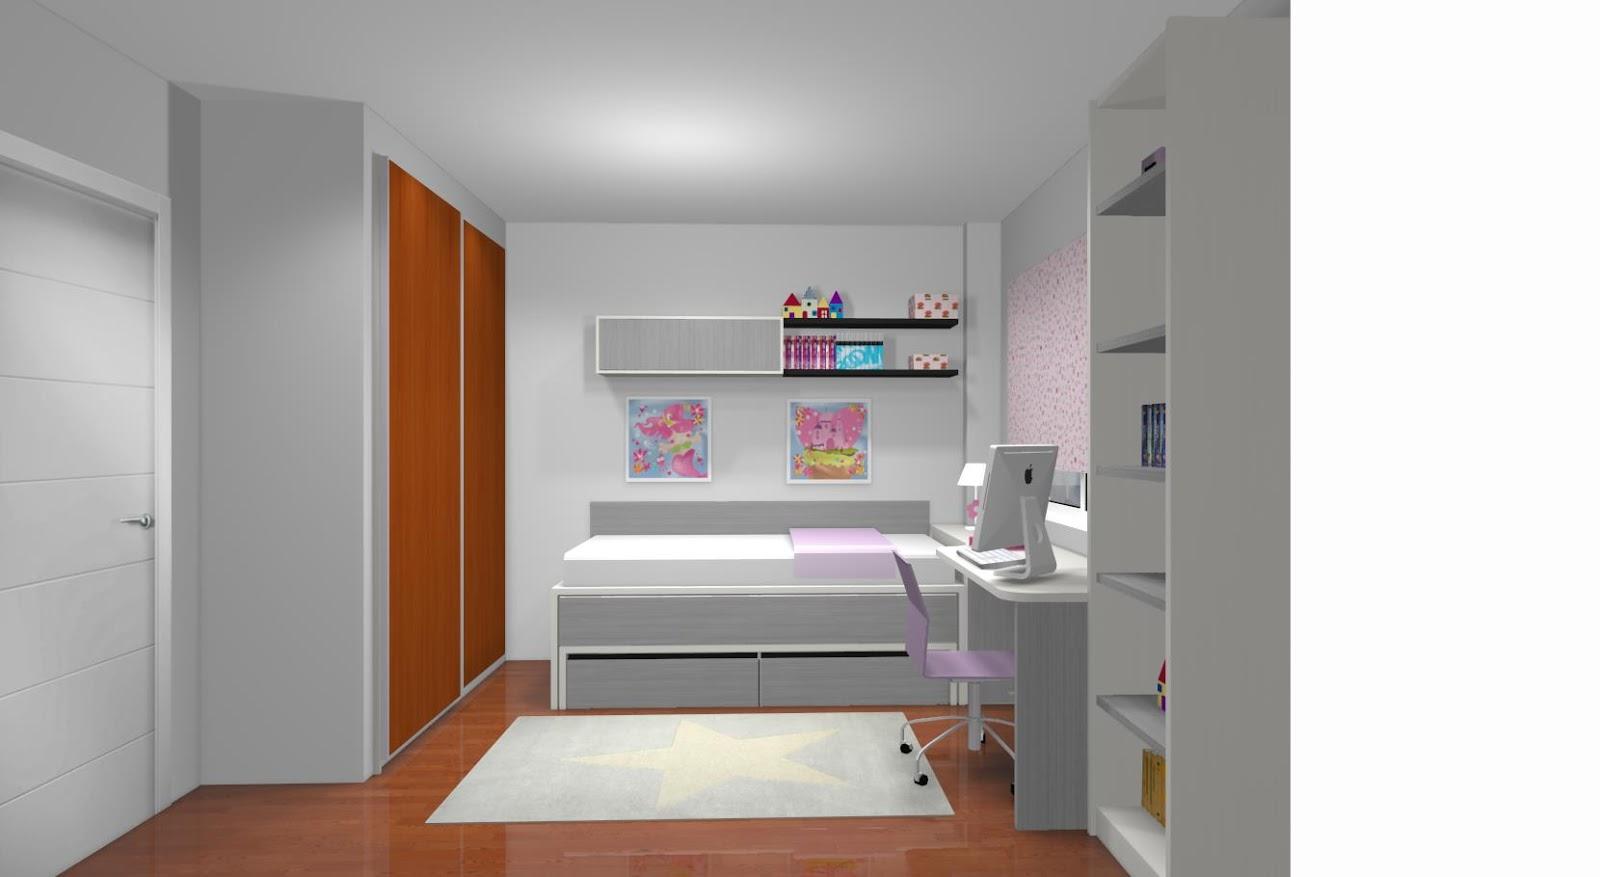 Dormitorios juveniles a medida en madrid - Dormitorios juveniles ...